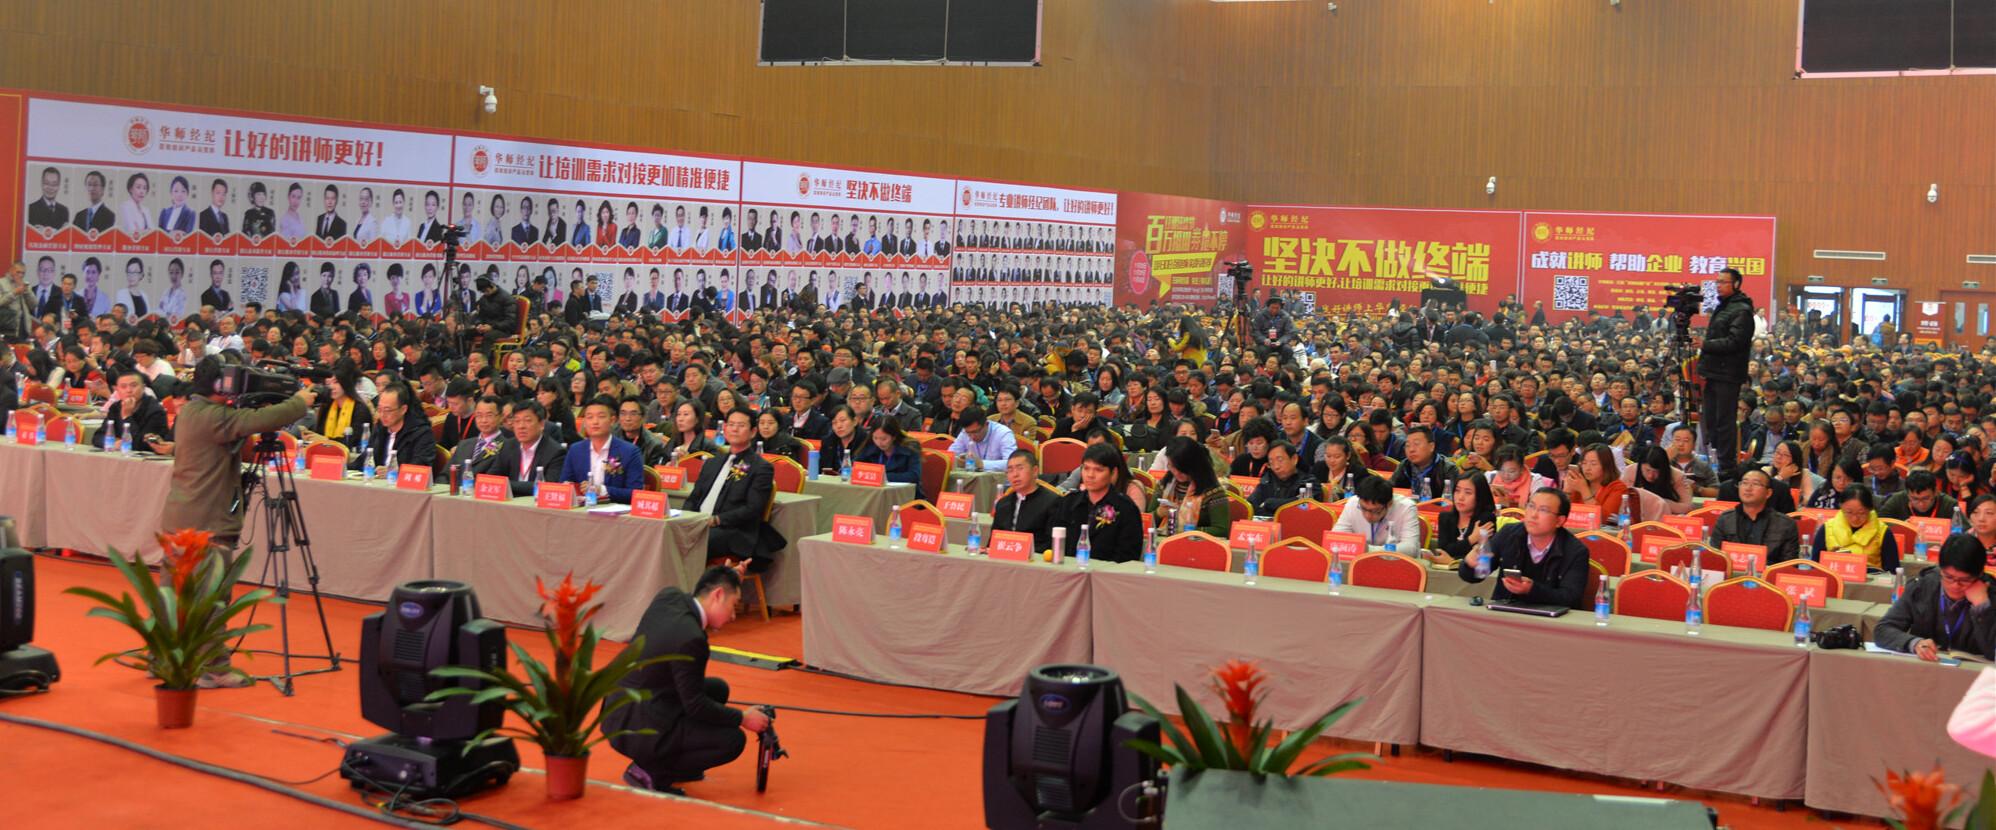 2015年 第4届培博会